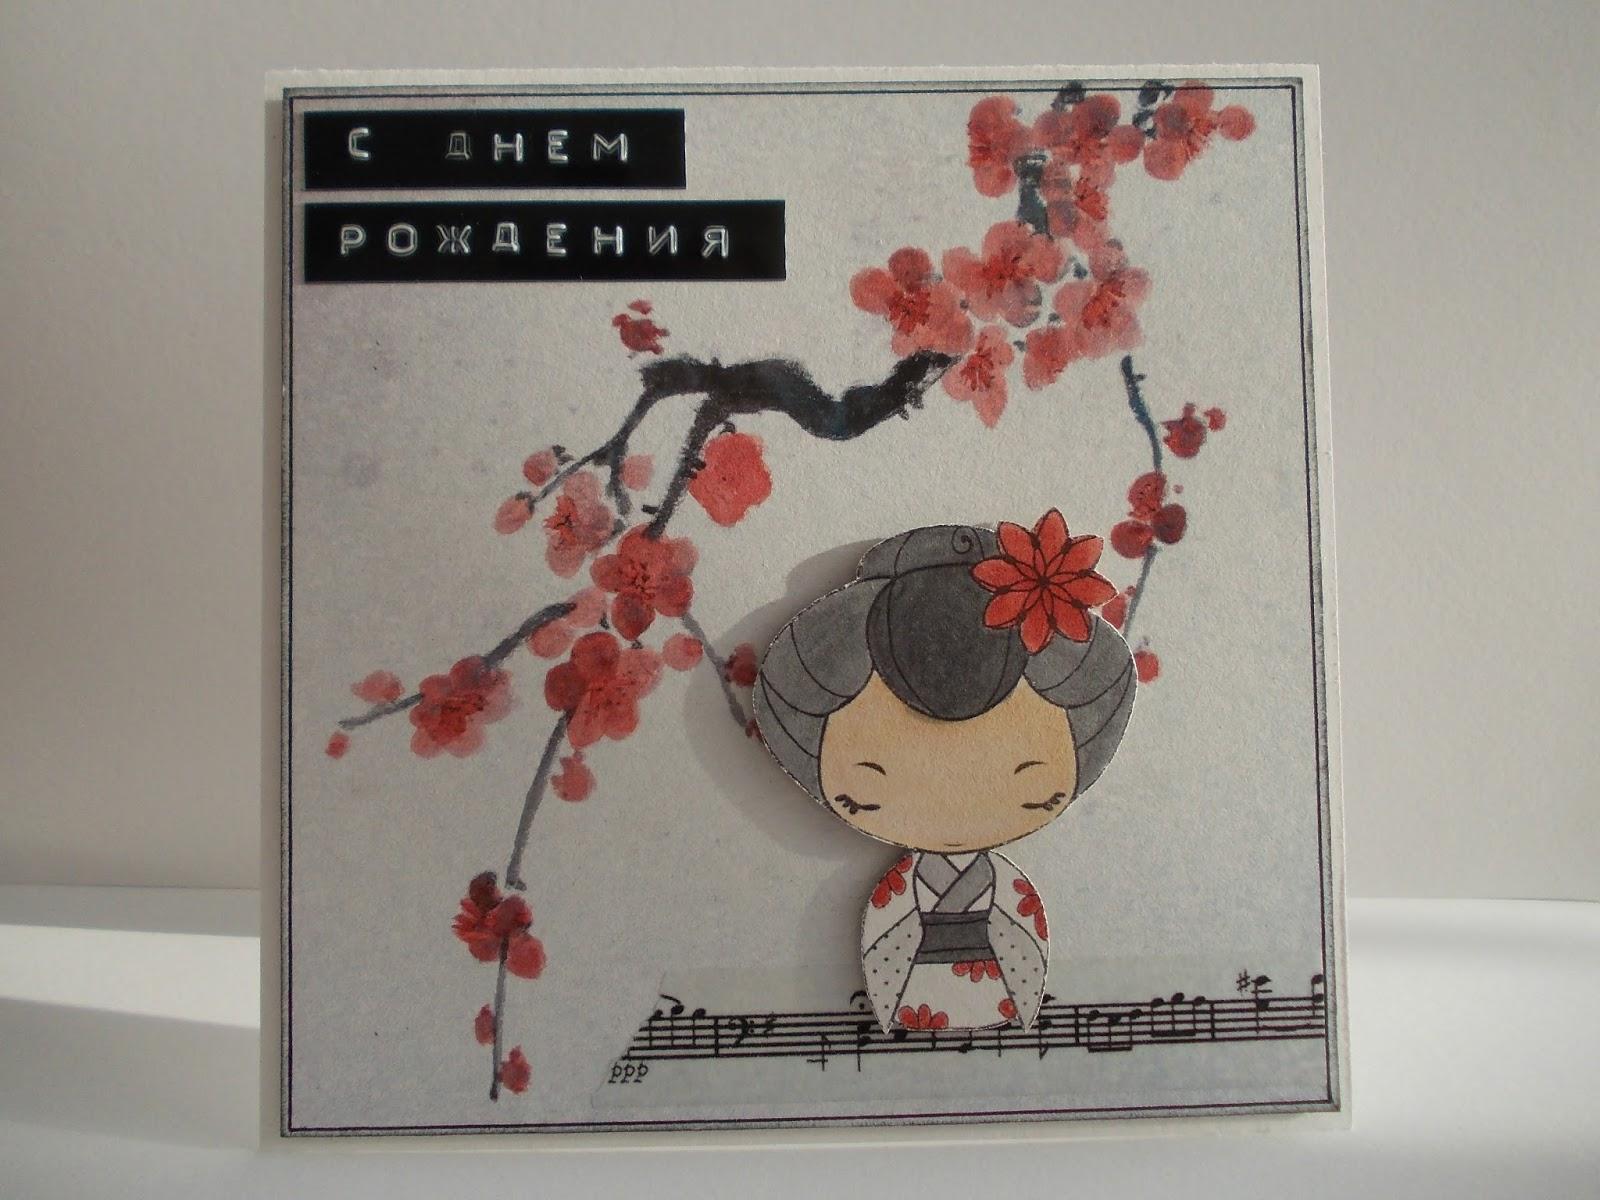 Поздравление на китайском с днем рождения с русской транскрипцией и